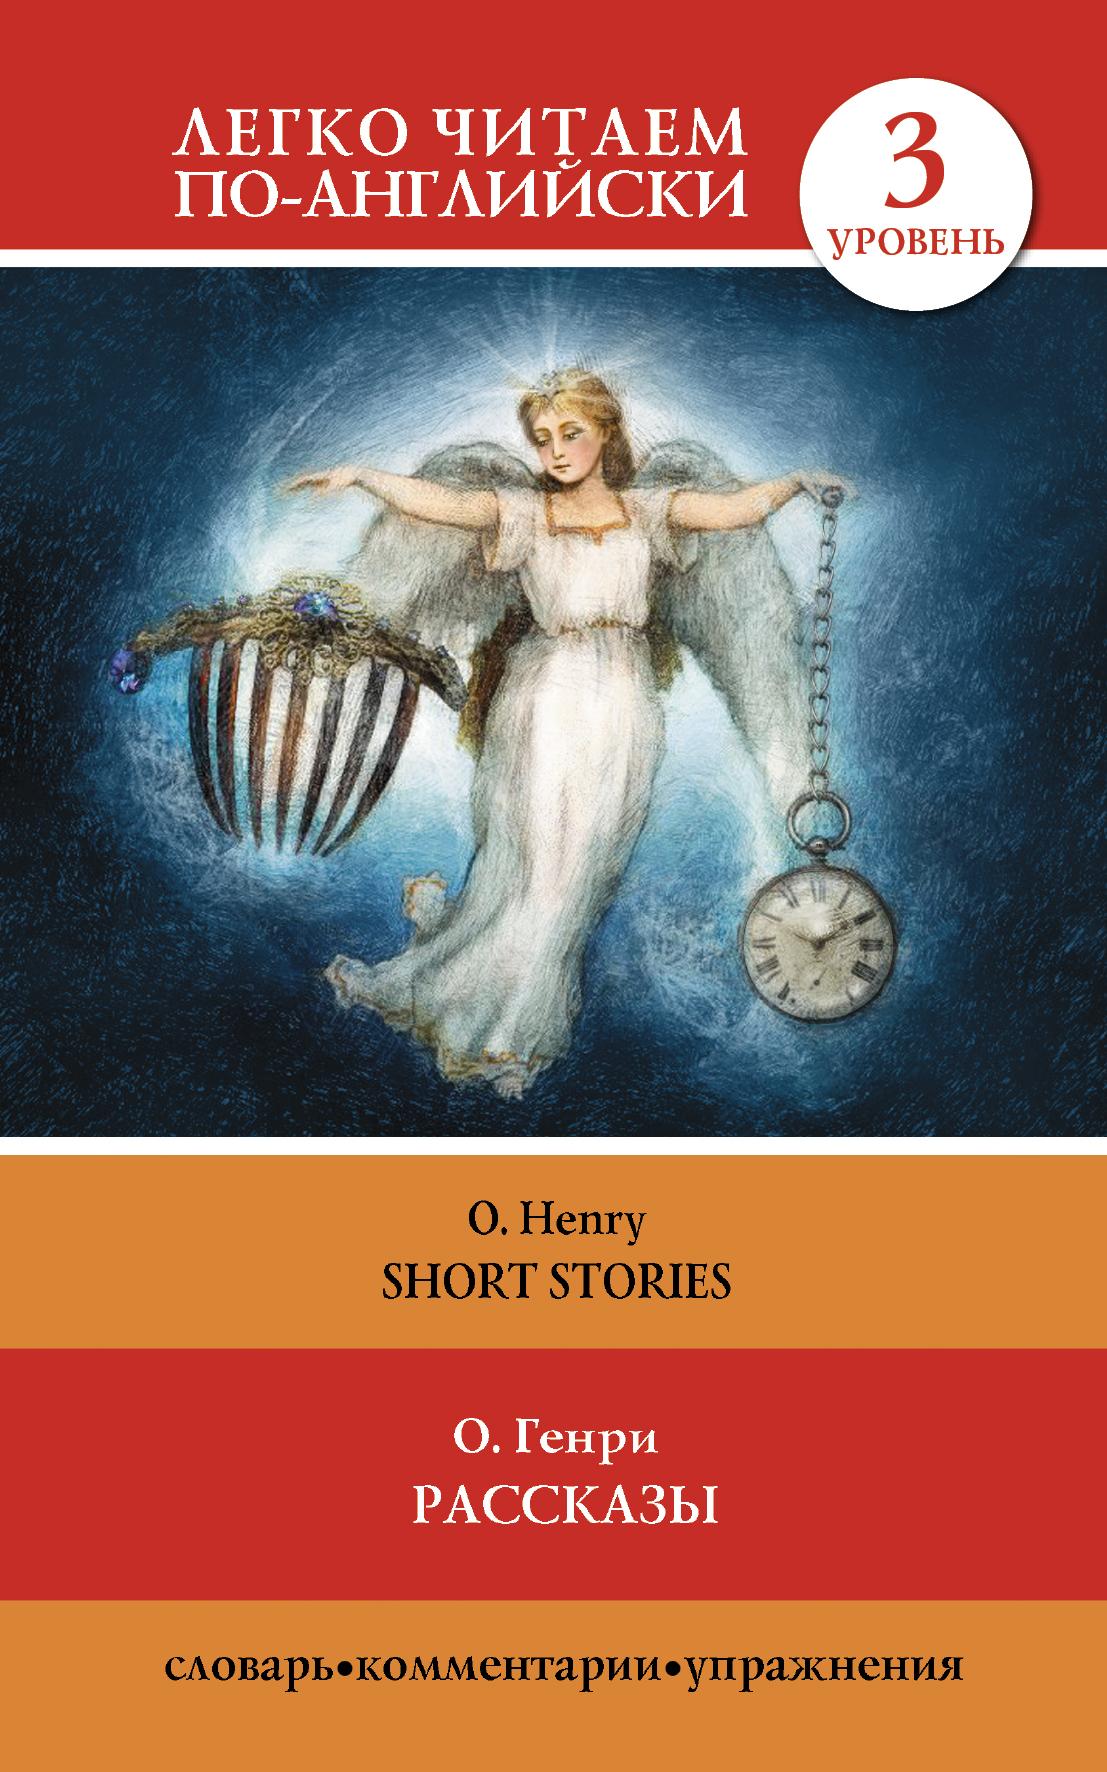 Рассказы = Short Stories